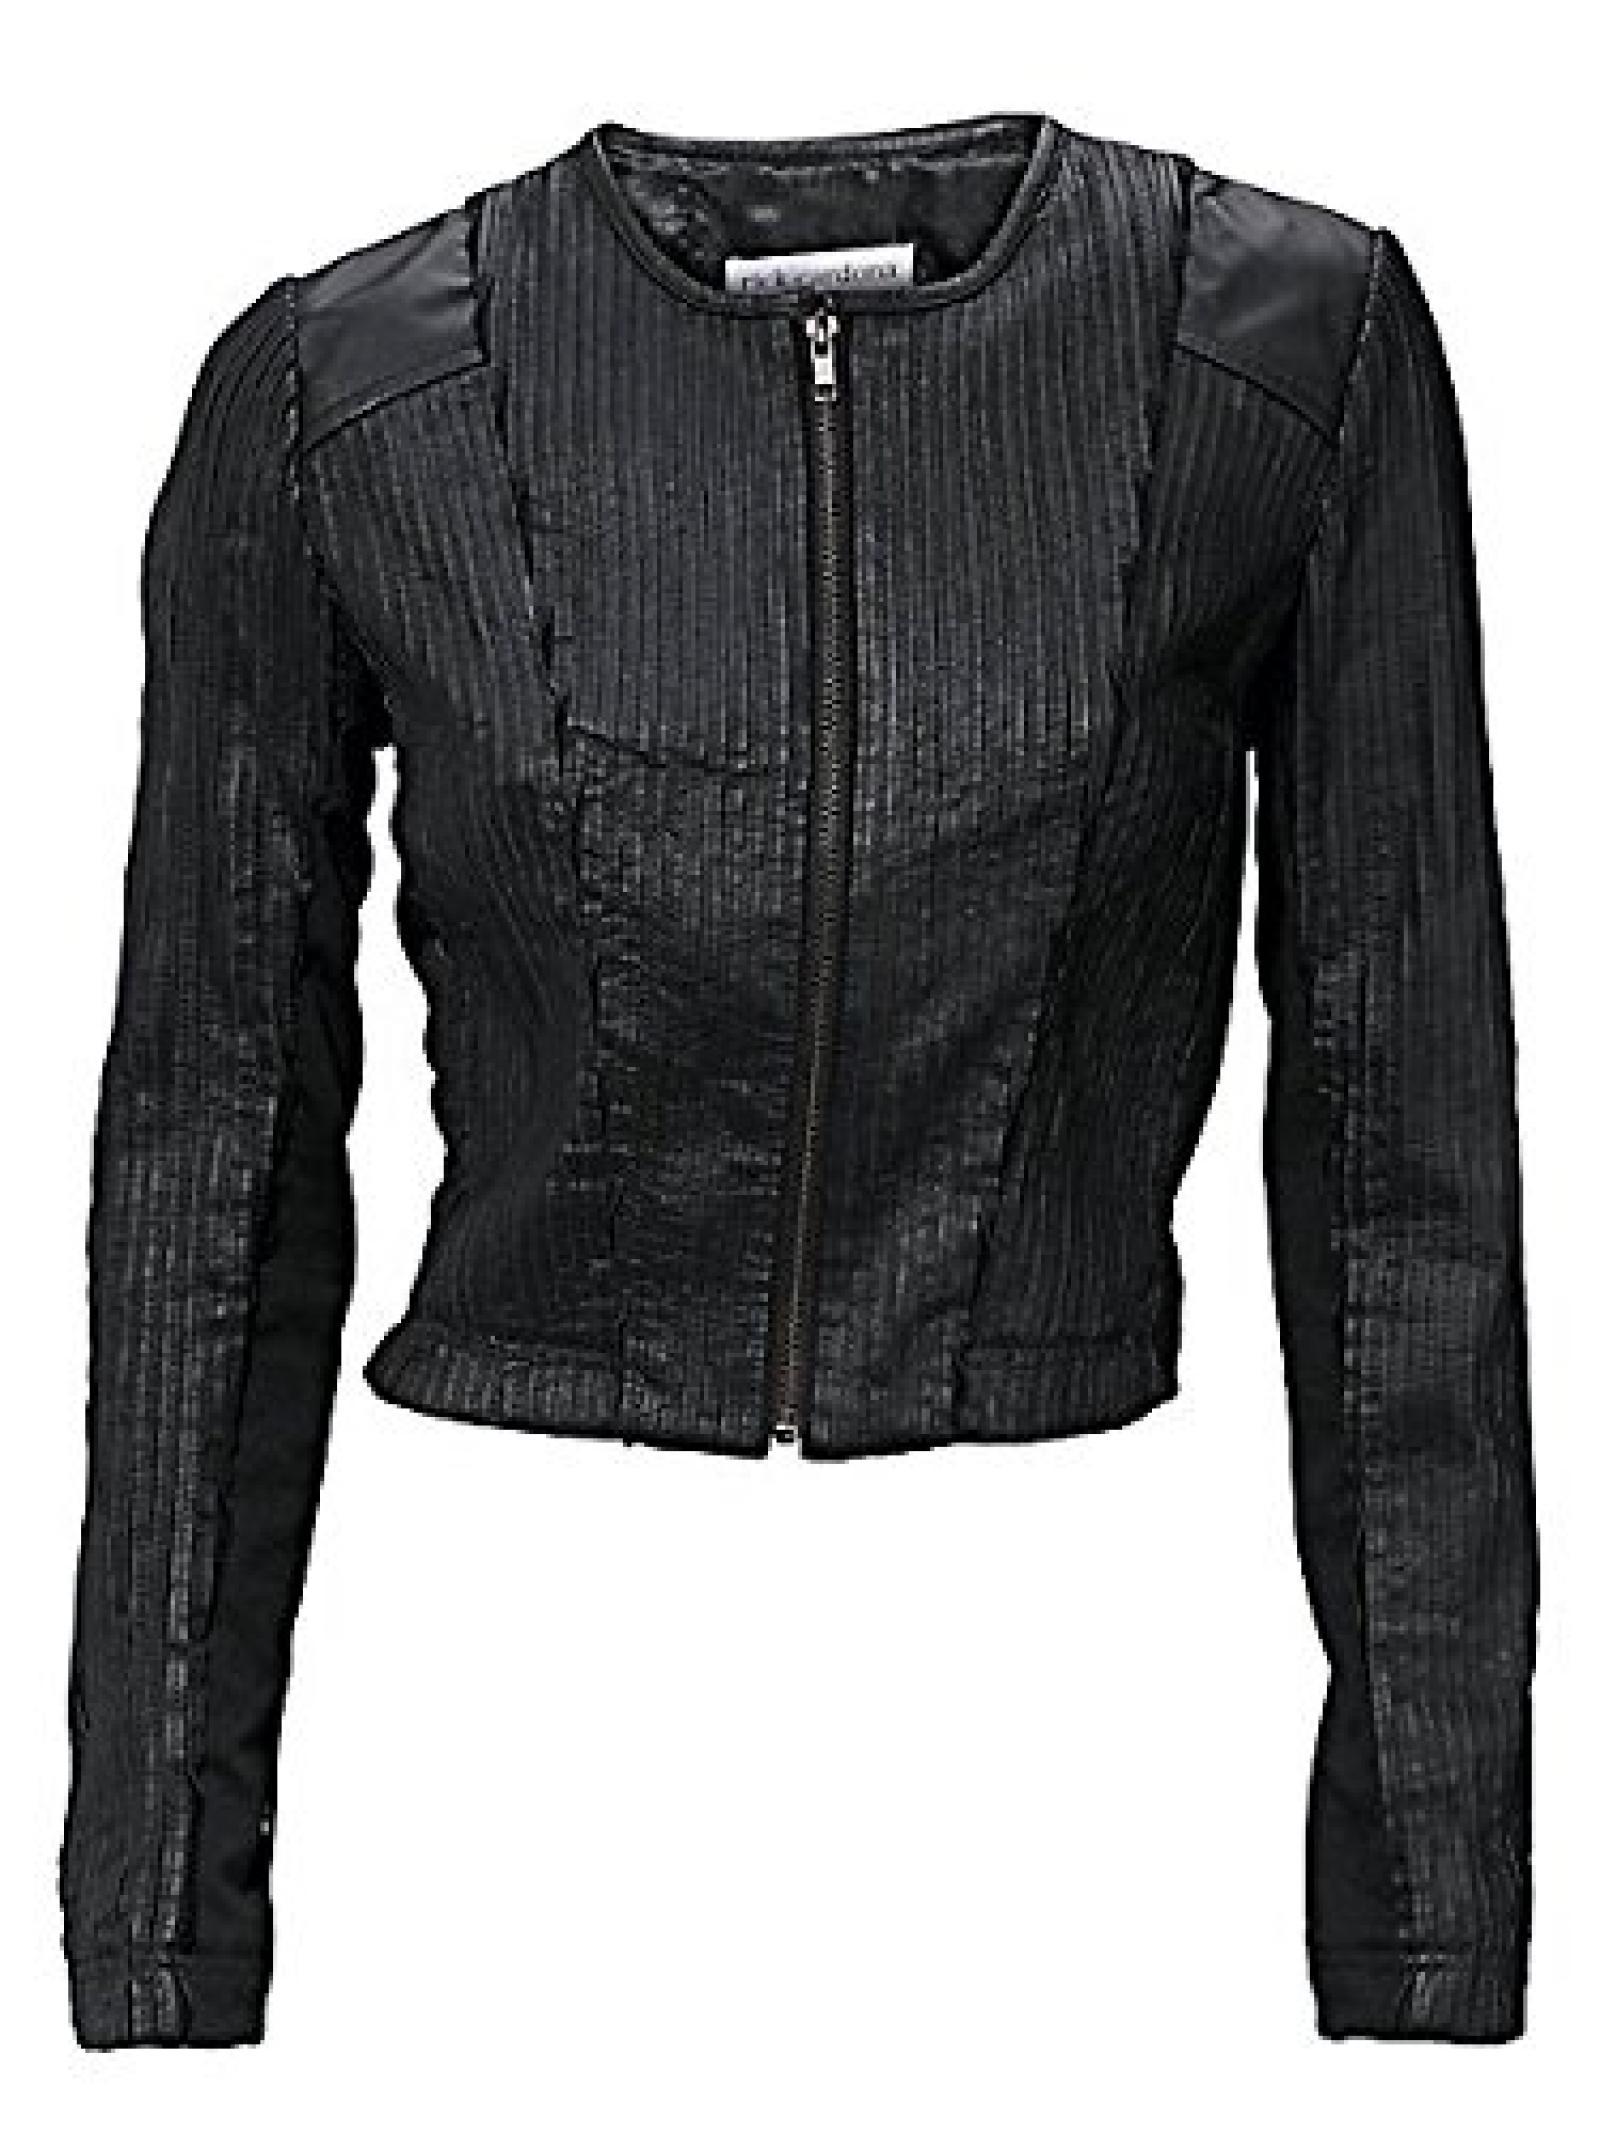 Damen RICK CARDONA Lederjacke in schwarz - Größe: 34